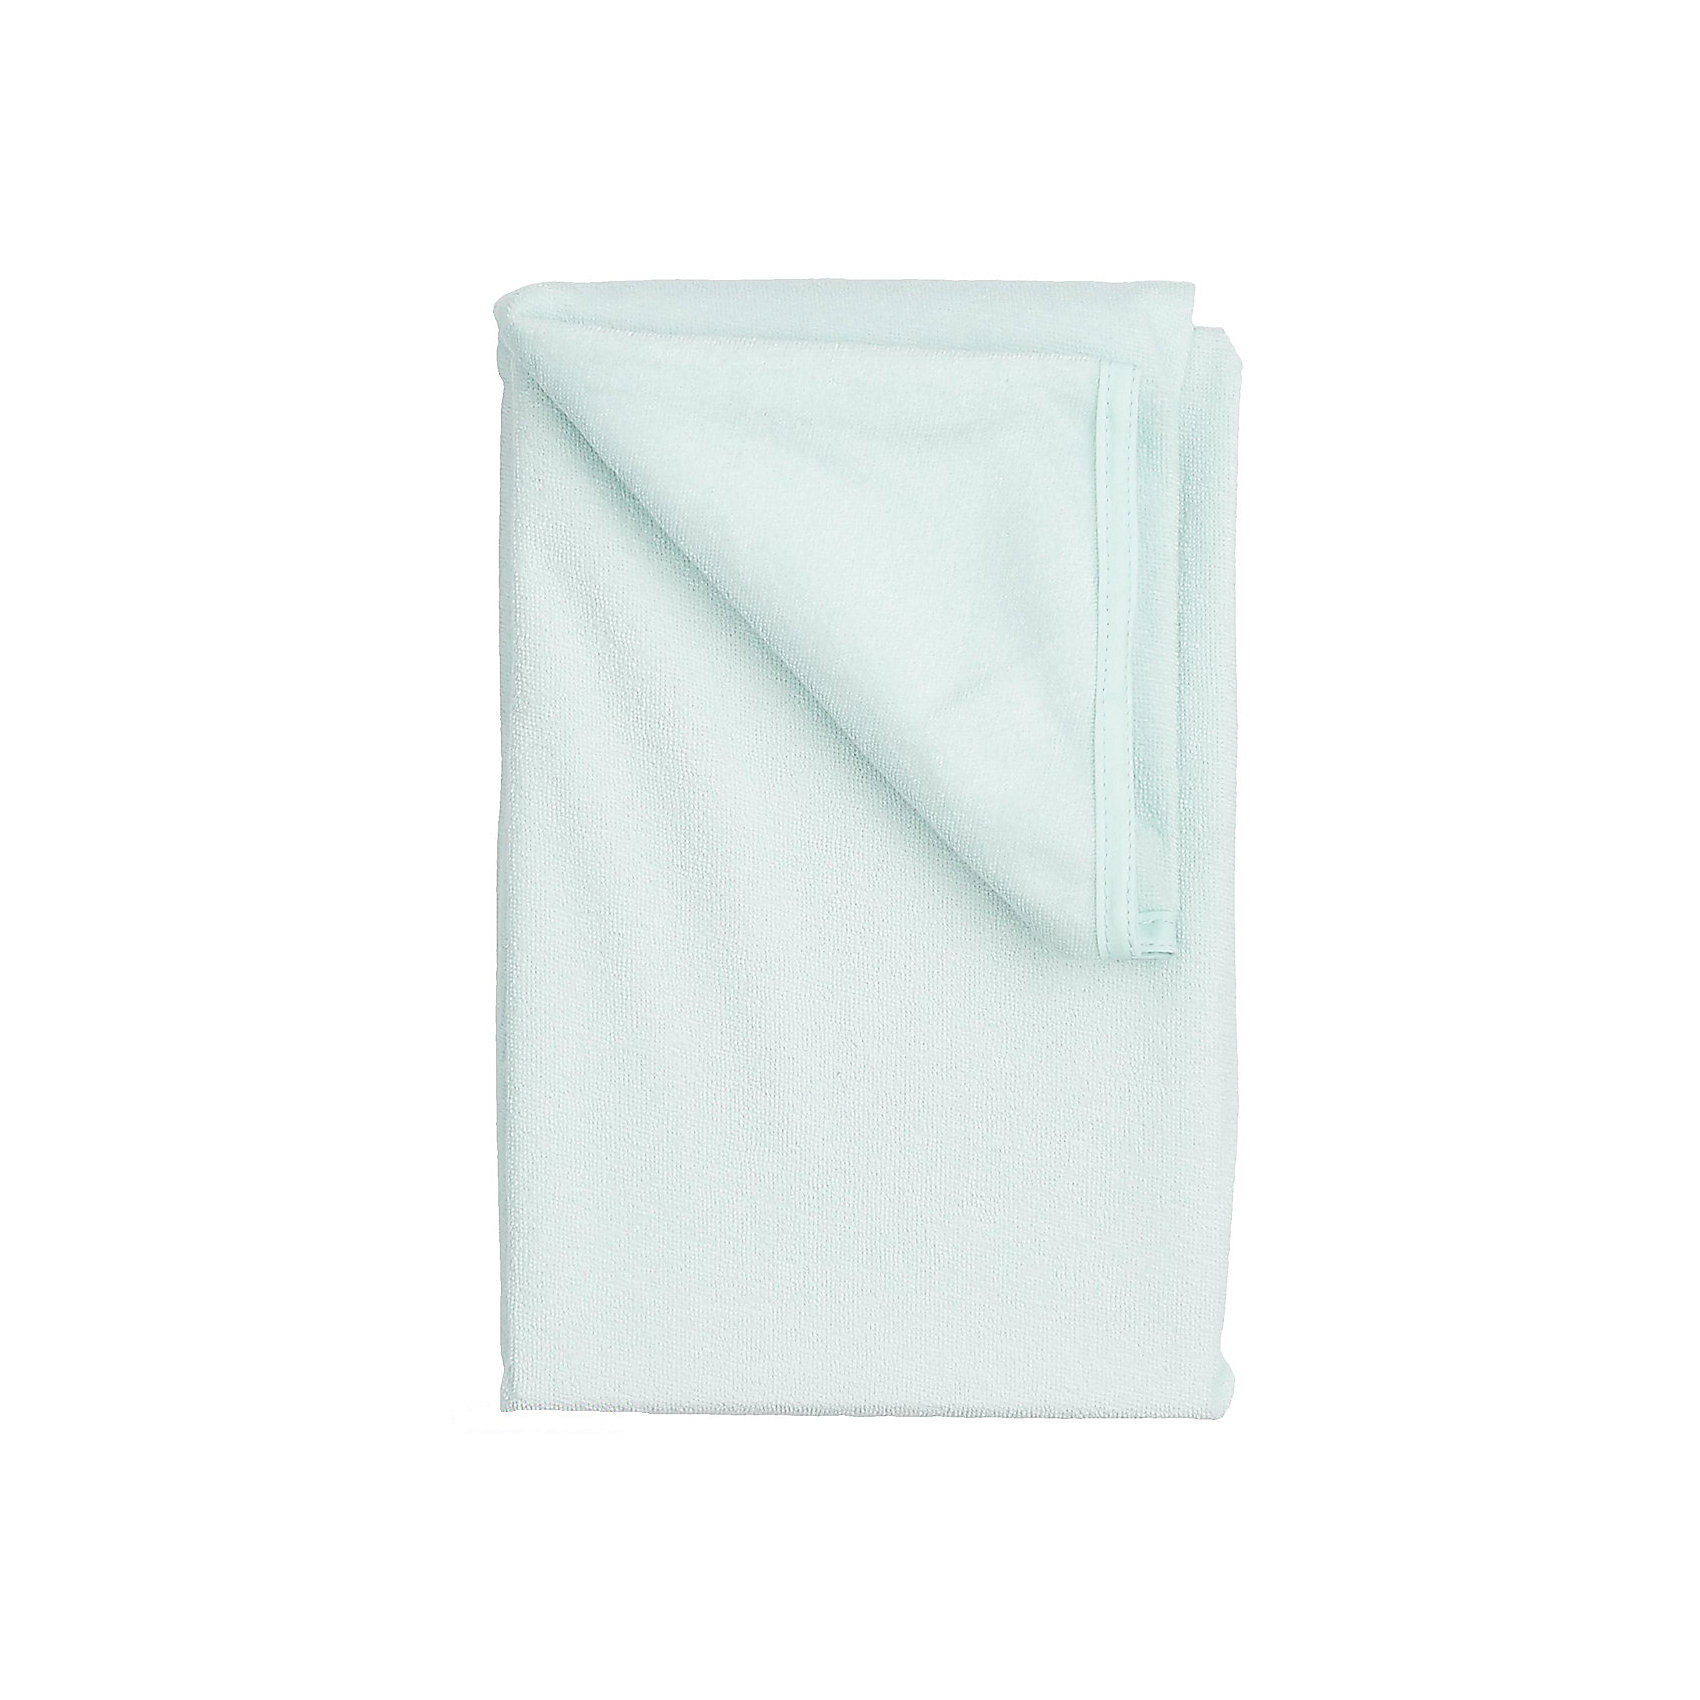 Наматрасник на резинке махровый, 60х120 см, Baby Nice, голубойДомашний текстиль<br>Дополнительная информация:<br><br>Состав: верх махра 100%, низ 100 пвх. <br>Размер 60х120 см. <br>Удобно фиксируется благодаря резинкам, и защищает матрас.<br>Вес в упаковке: 500 г.<br>Размер упаковки: 250 х 200 х 50 мм.<br><br>Наматрасник на резинке махровый, голубой можно купить в нашем магазине.<br><br>Ширина мм: 250<br>Глубина мм: 200<br>Высота мм: 50<br>Вес г: 500<br>Возраст от месяцев: 0<br>Возраст до месяцев: 12<br>Пол: Мужской<br>Возраст: Детский<br>SKU: 3788229